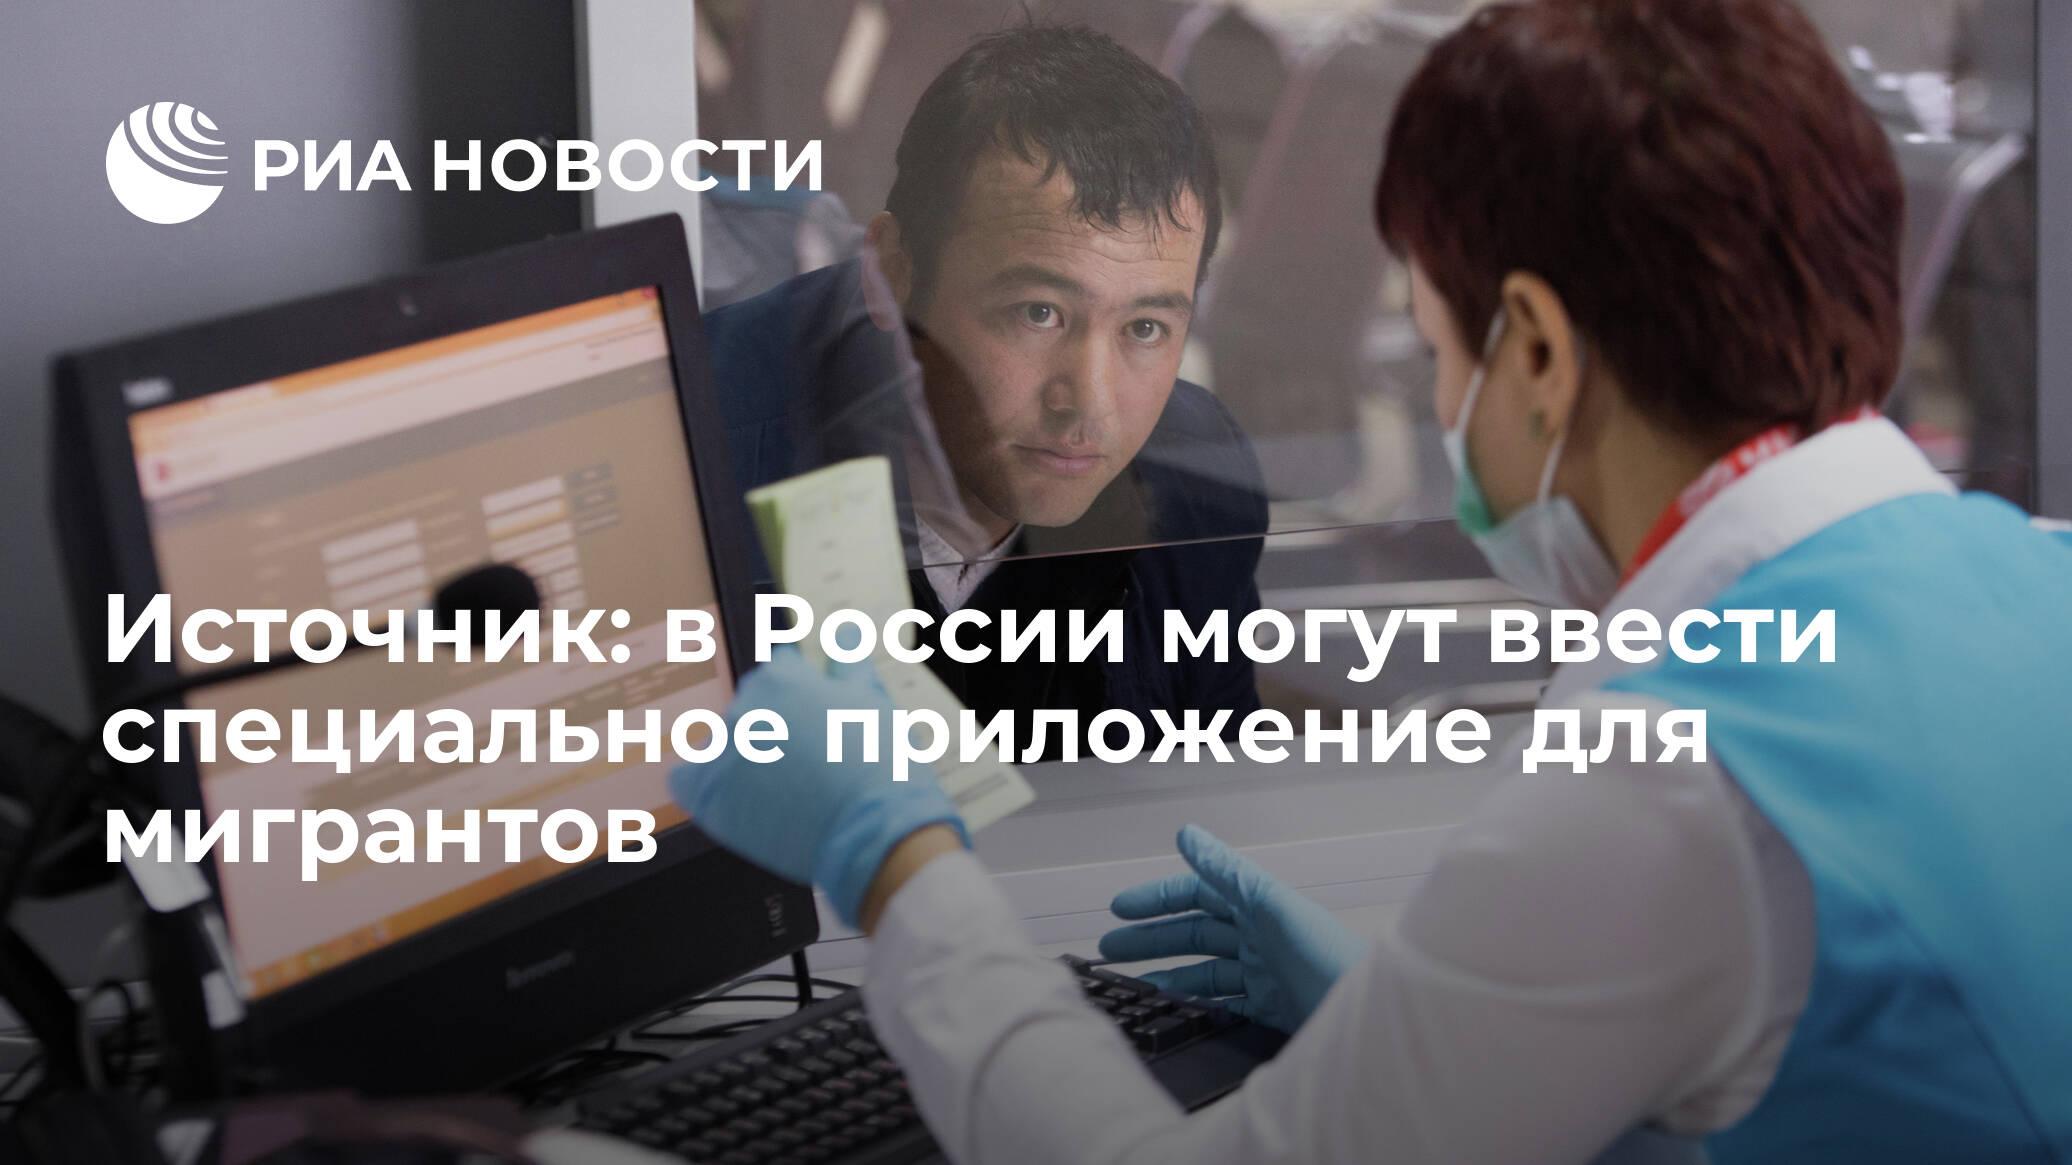 Источник: в России могут ввести специальное приложение для мигрантов